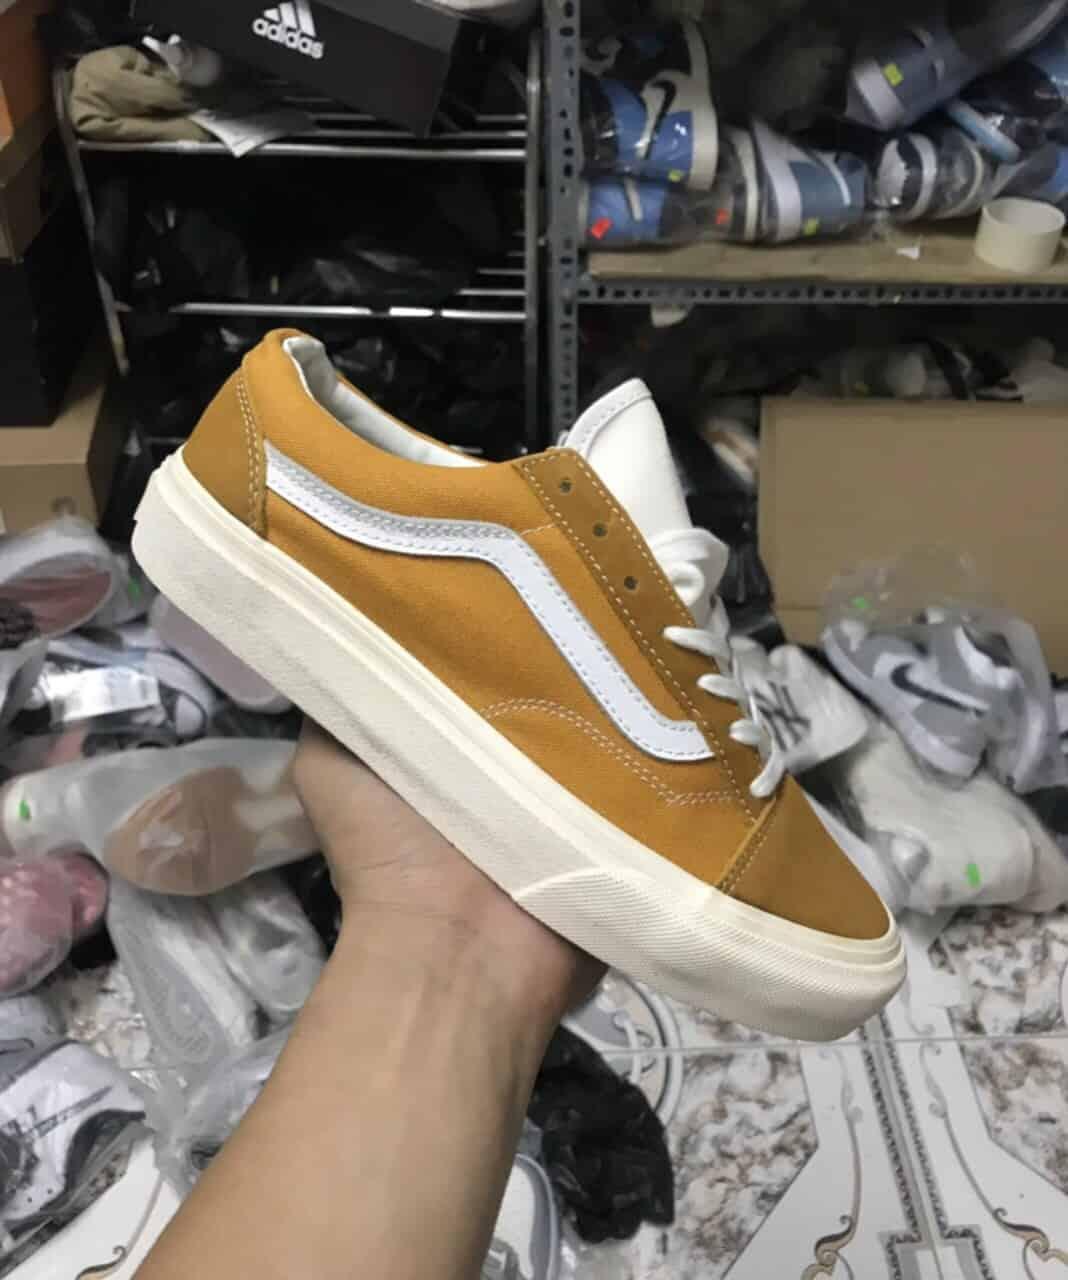 Giày Vans Style 36 Rep 1:1 sẽ giúp bạn thêm tự tin trong mọi bước đi